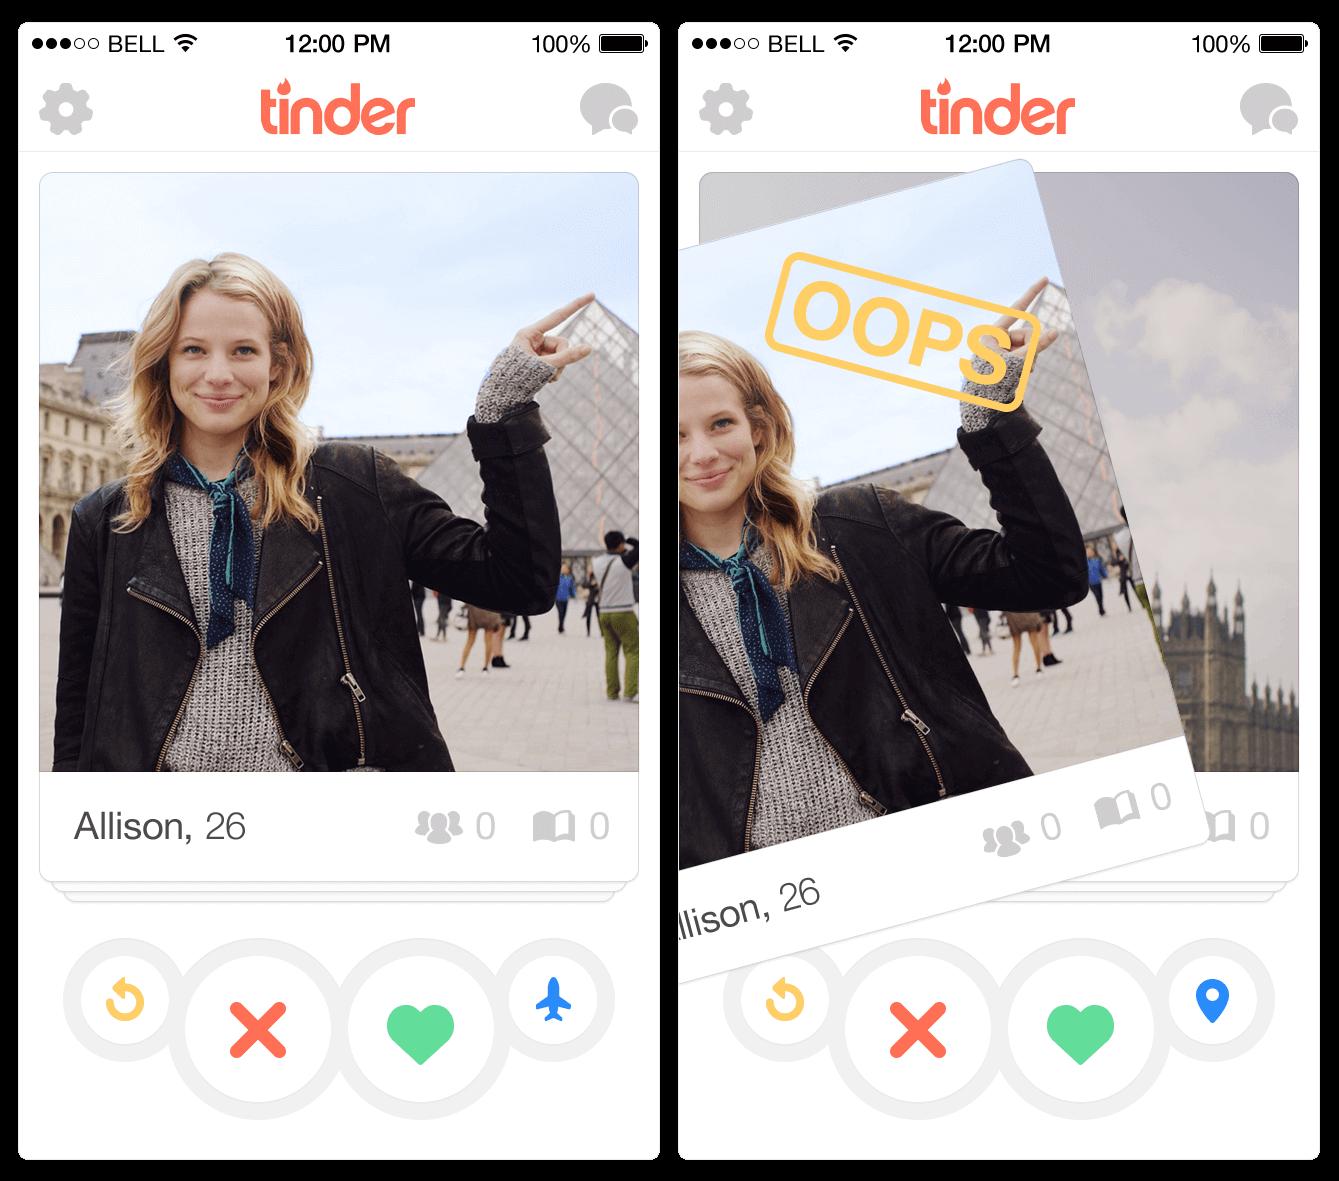 Tinder swipe